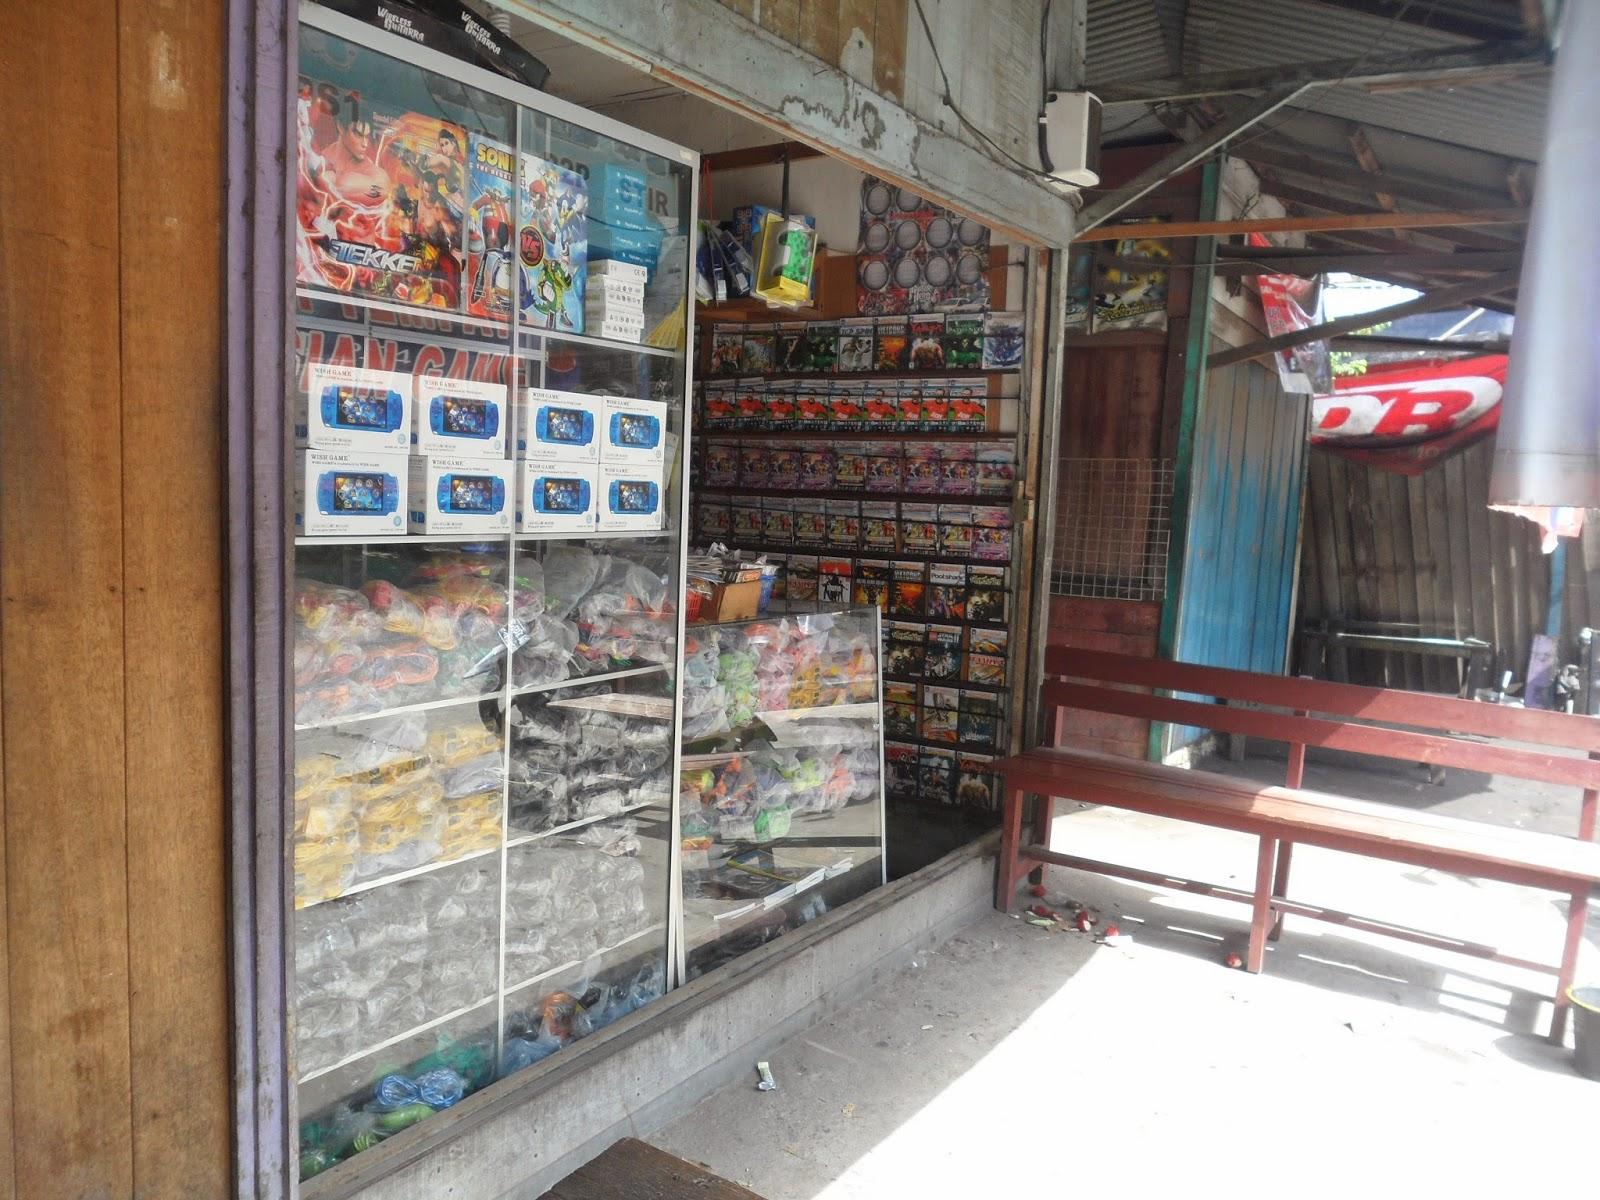 alamat toko yang masih jual kaset ps 1 di Banjarmasin